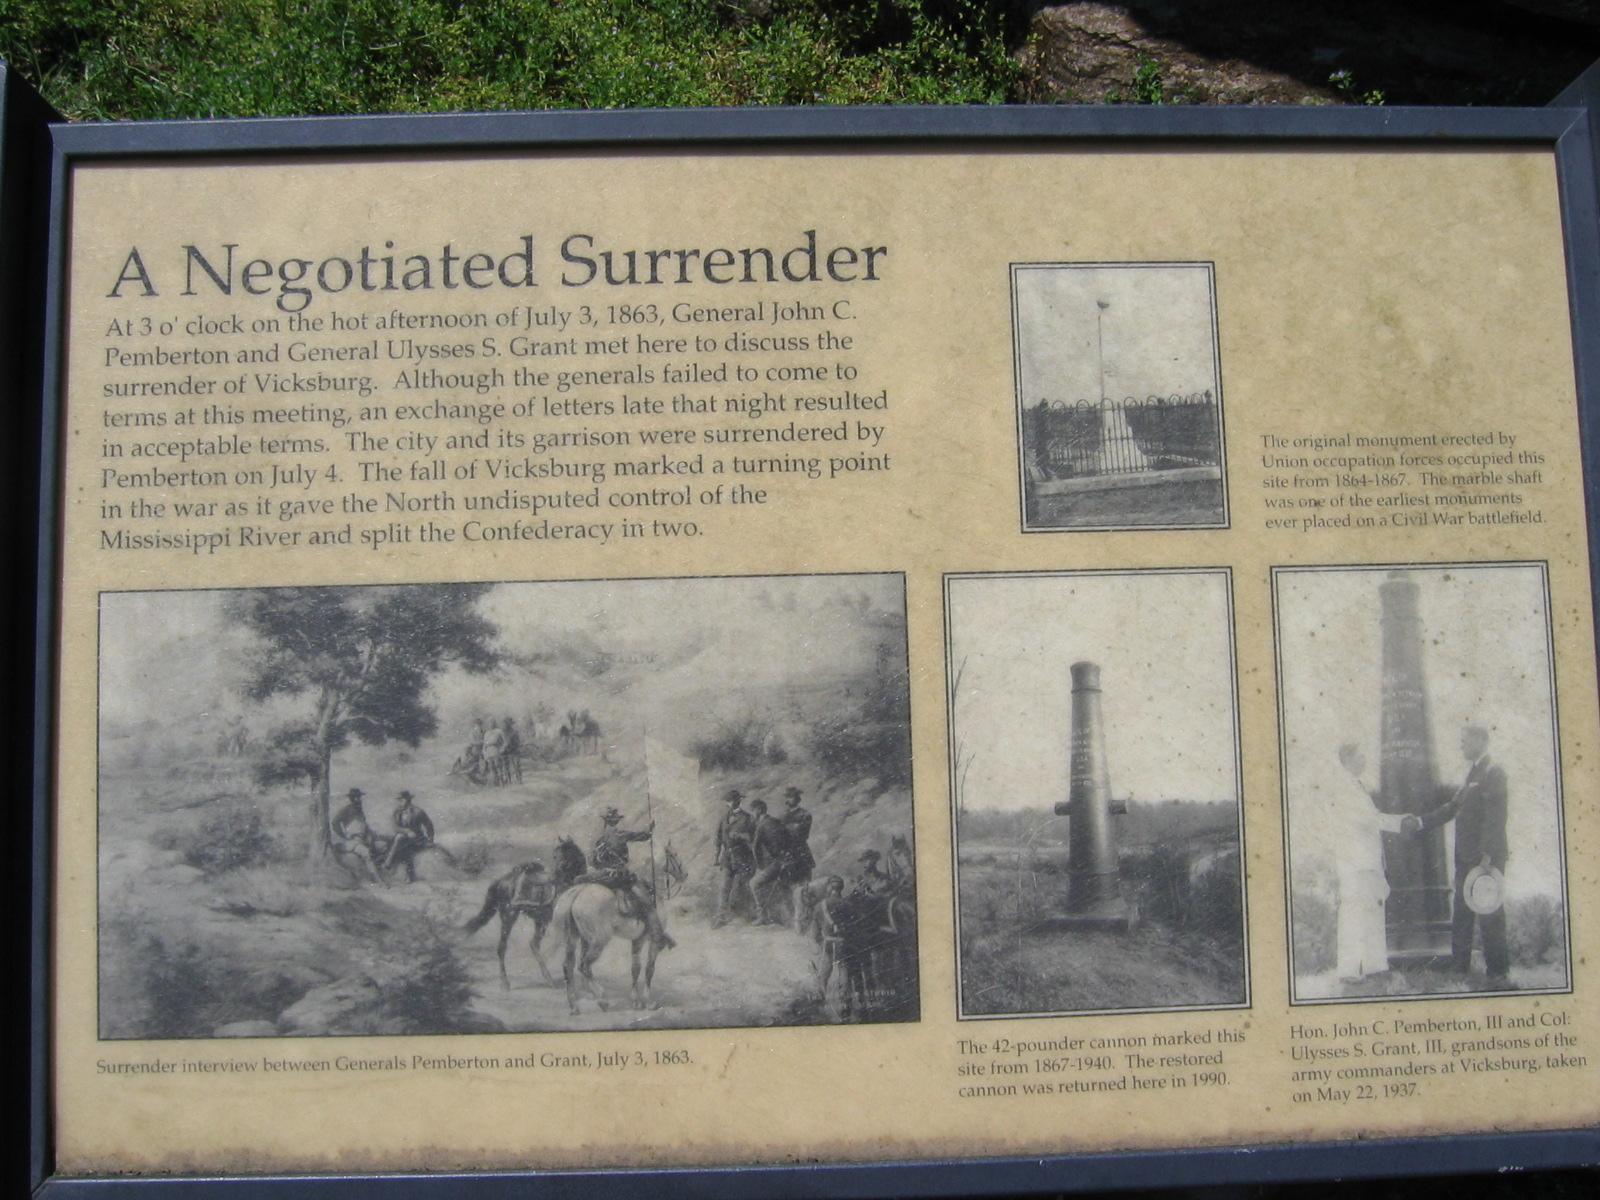 Die Tafel mit Details zur Geschichte